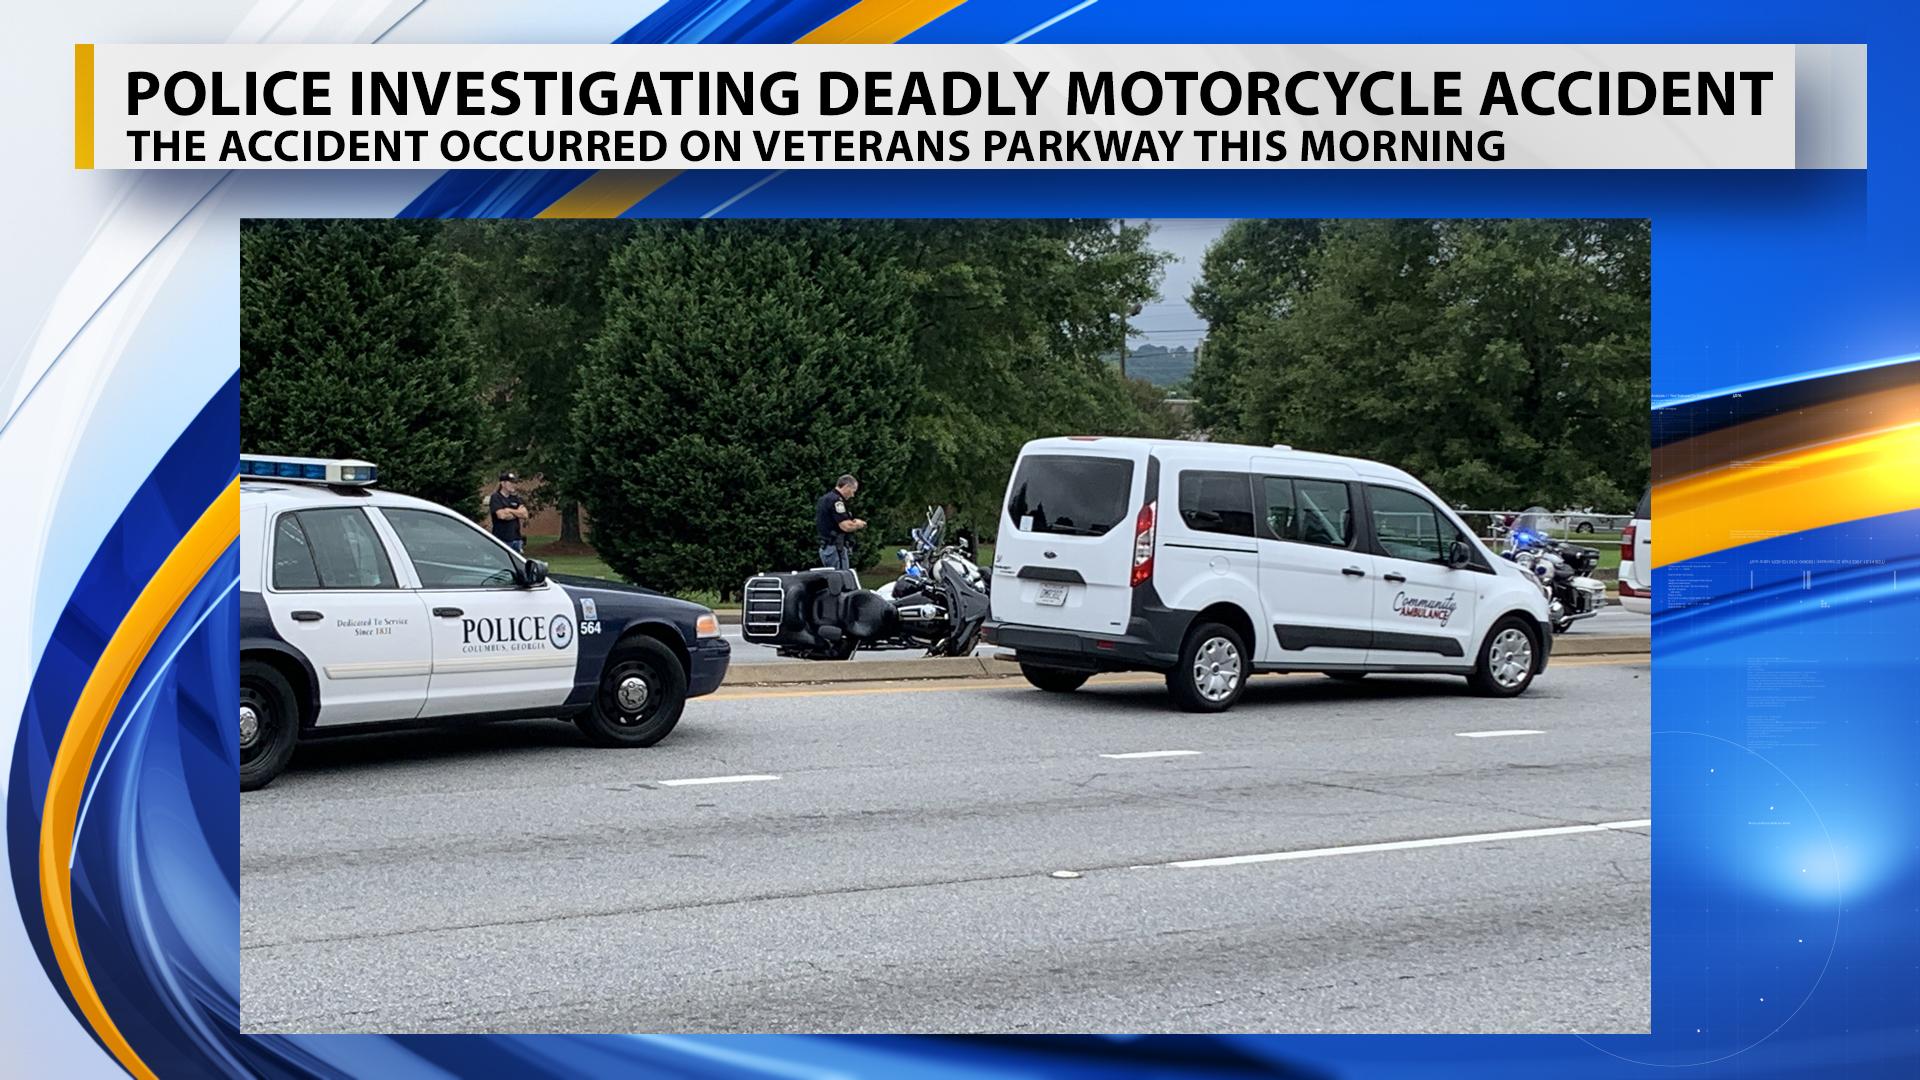 UPDATE: Motorcyclist in Veterans Parkway crash dies at hospital